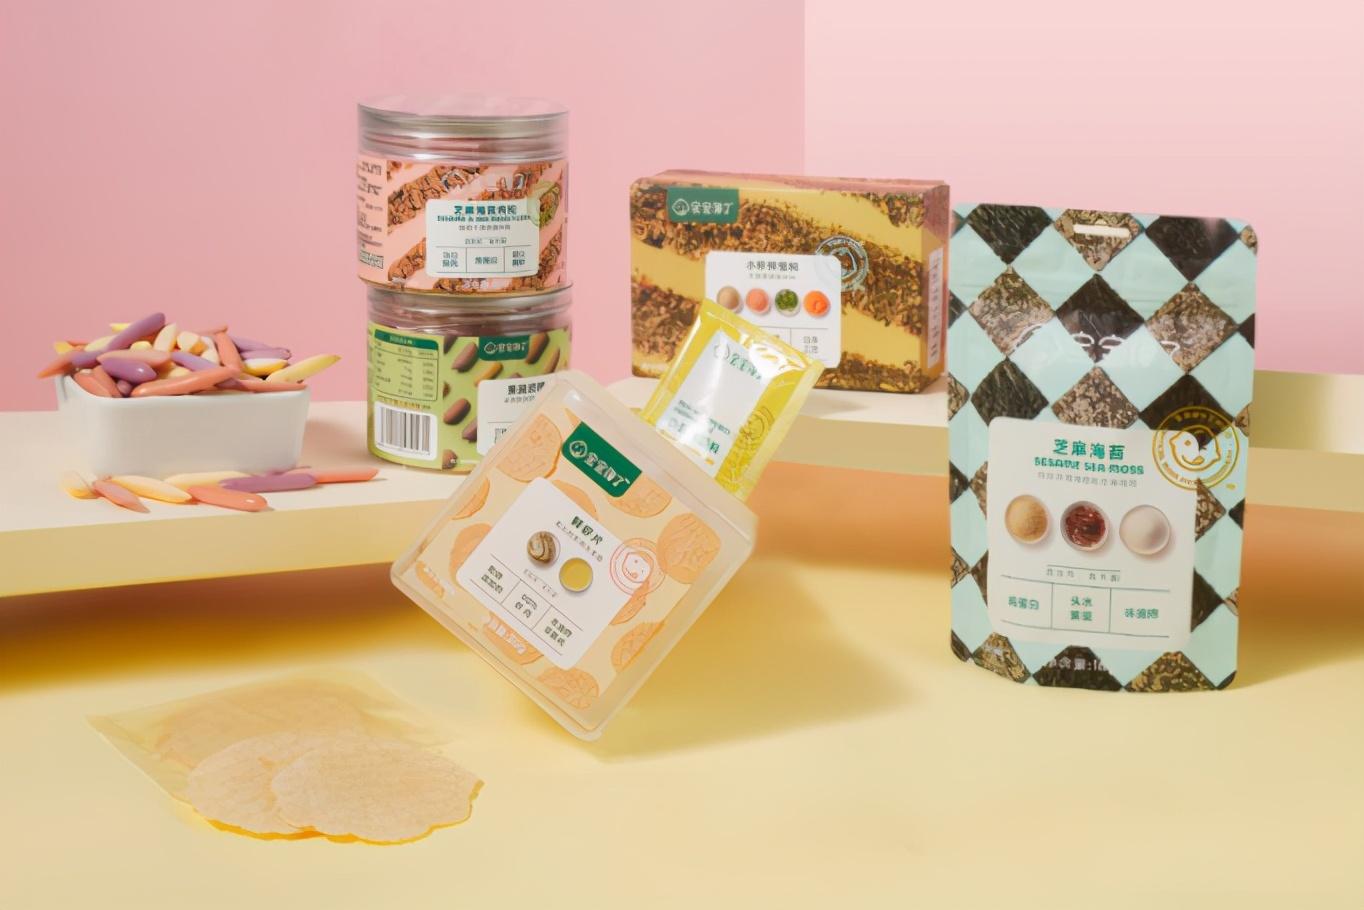 「母婴」婴儿健康食品品牌宝宝馋了完成过亿元A及A+轮融资